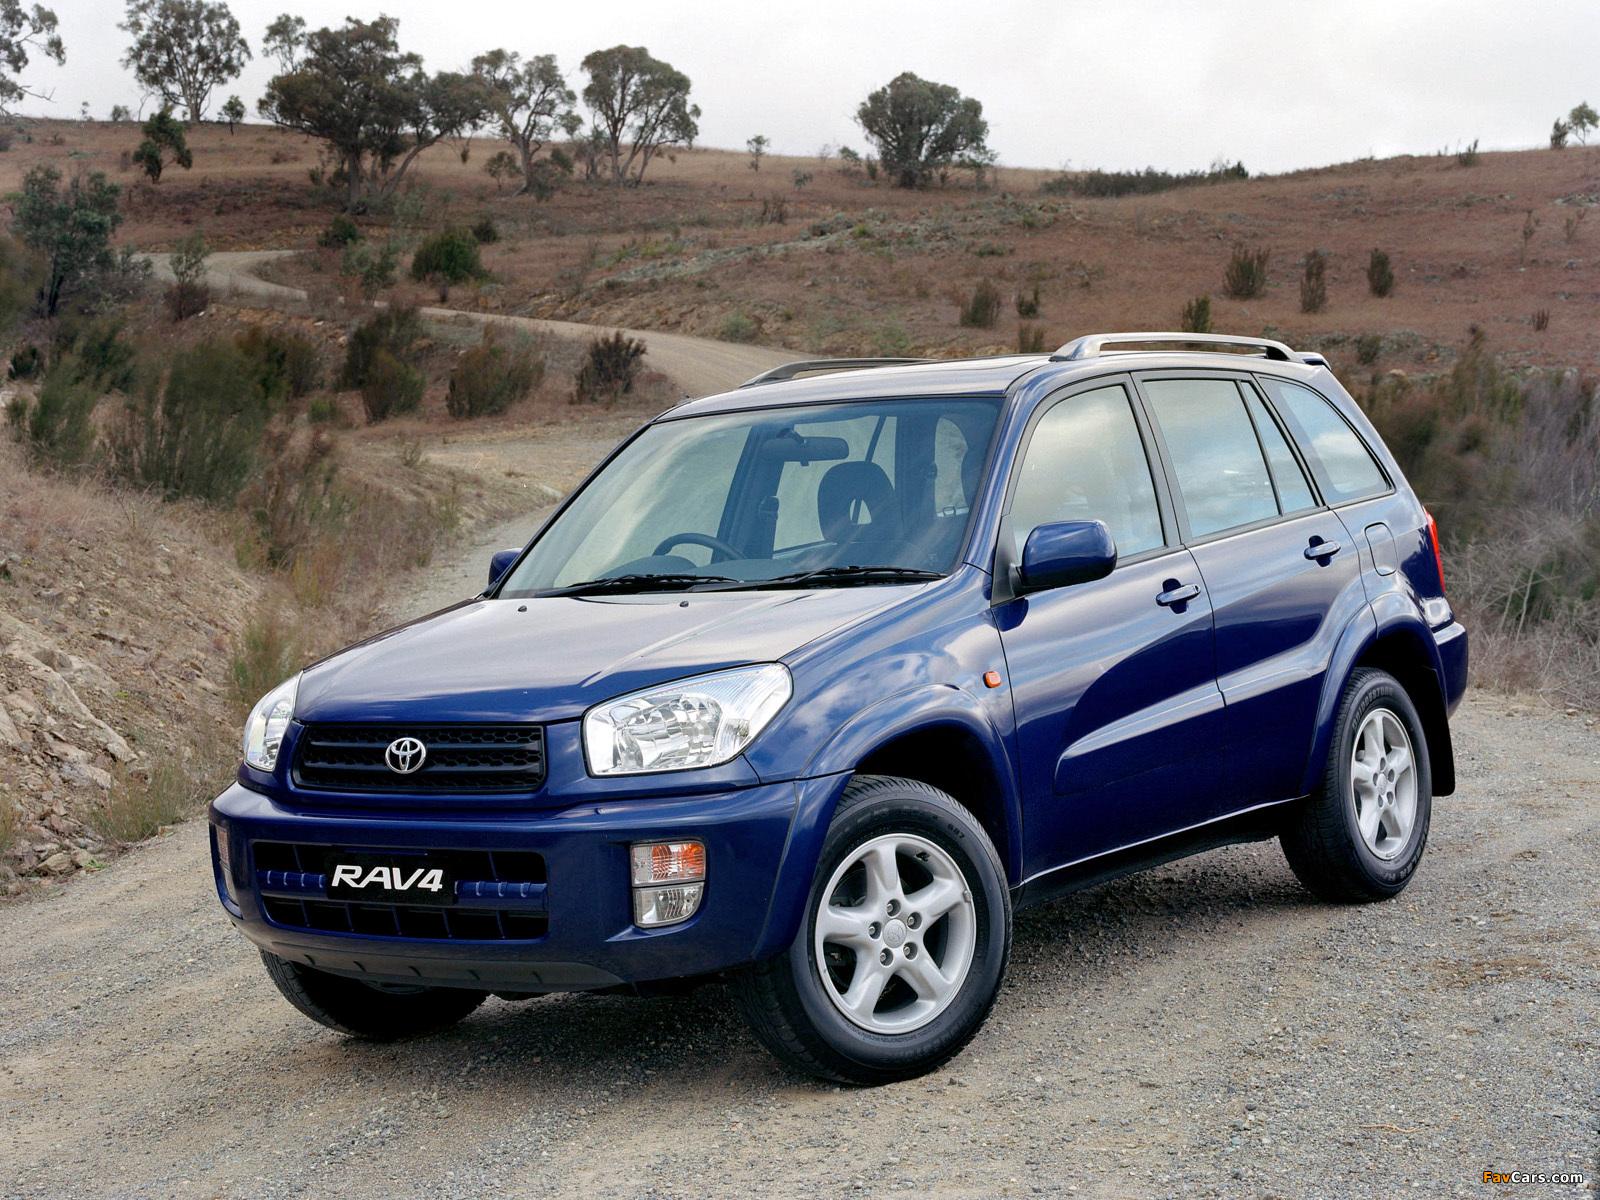 Авто чехлы для Toyota, Тойота | Чехлы тойота Авенсис ...